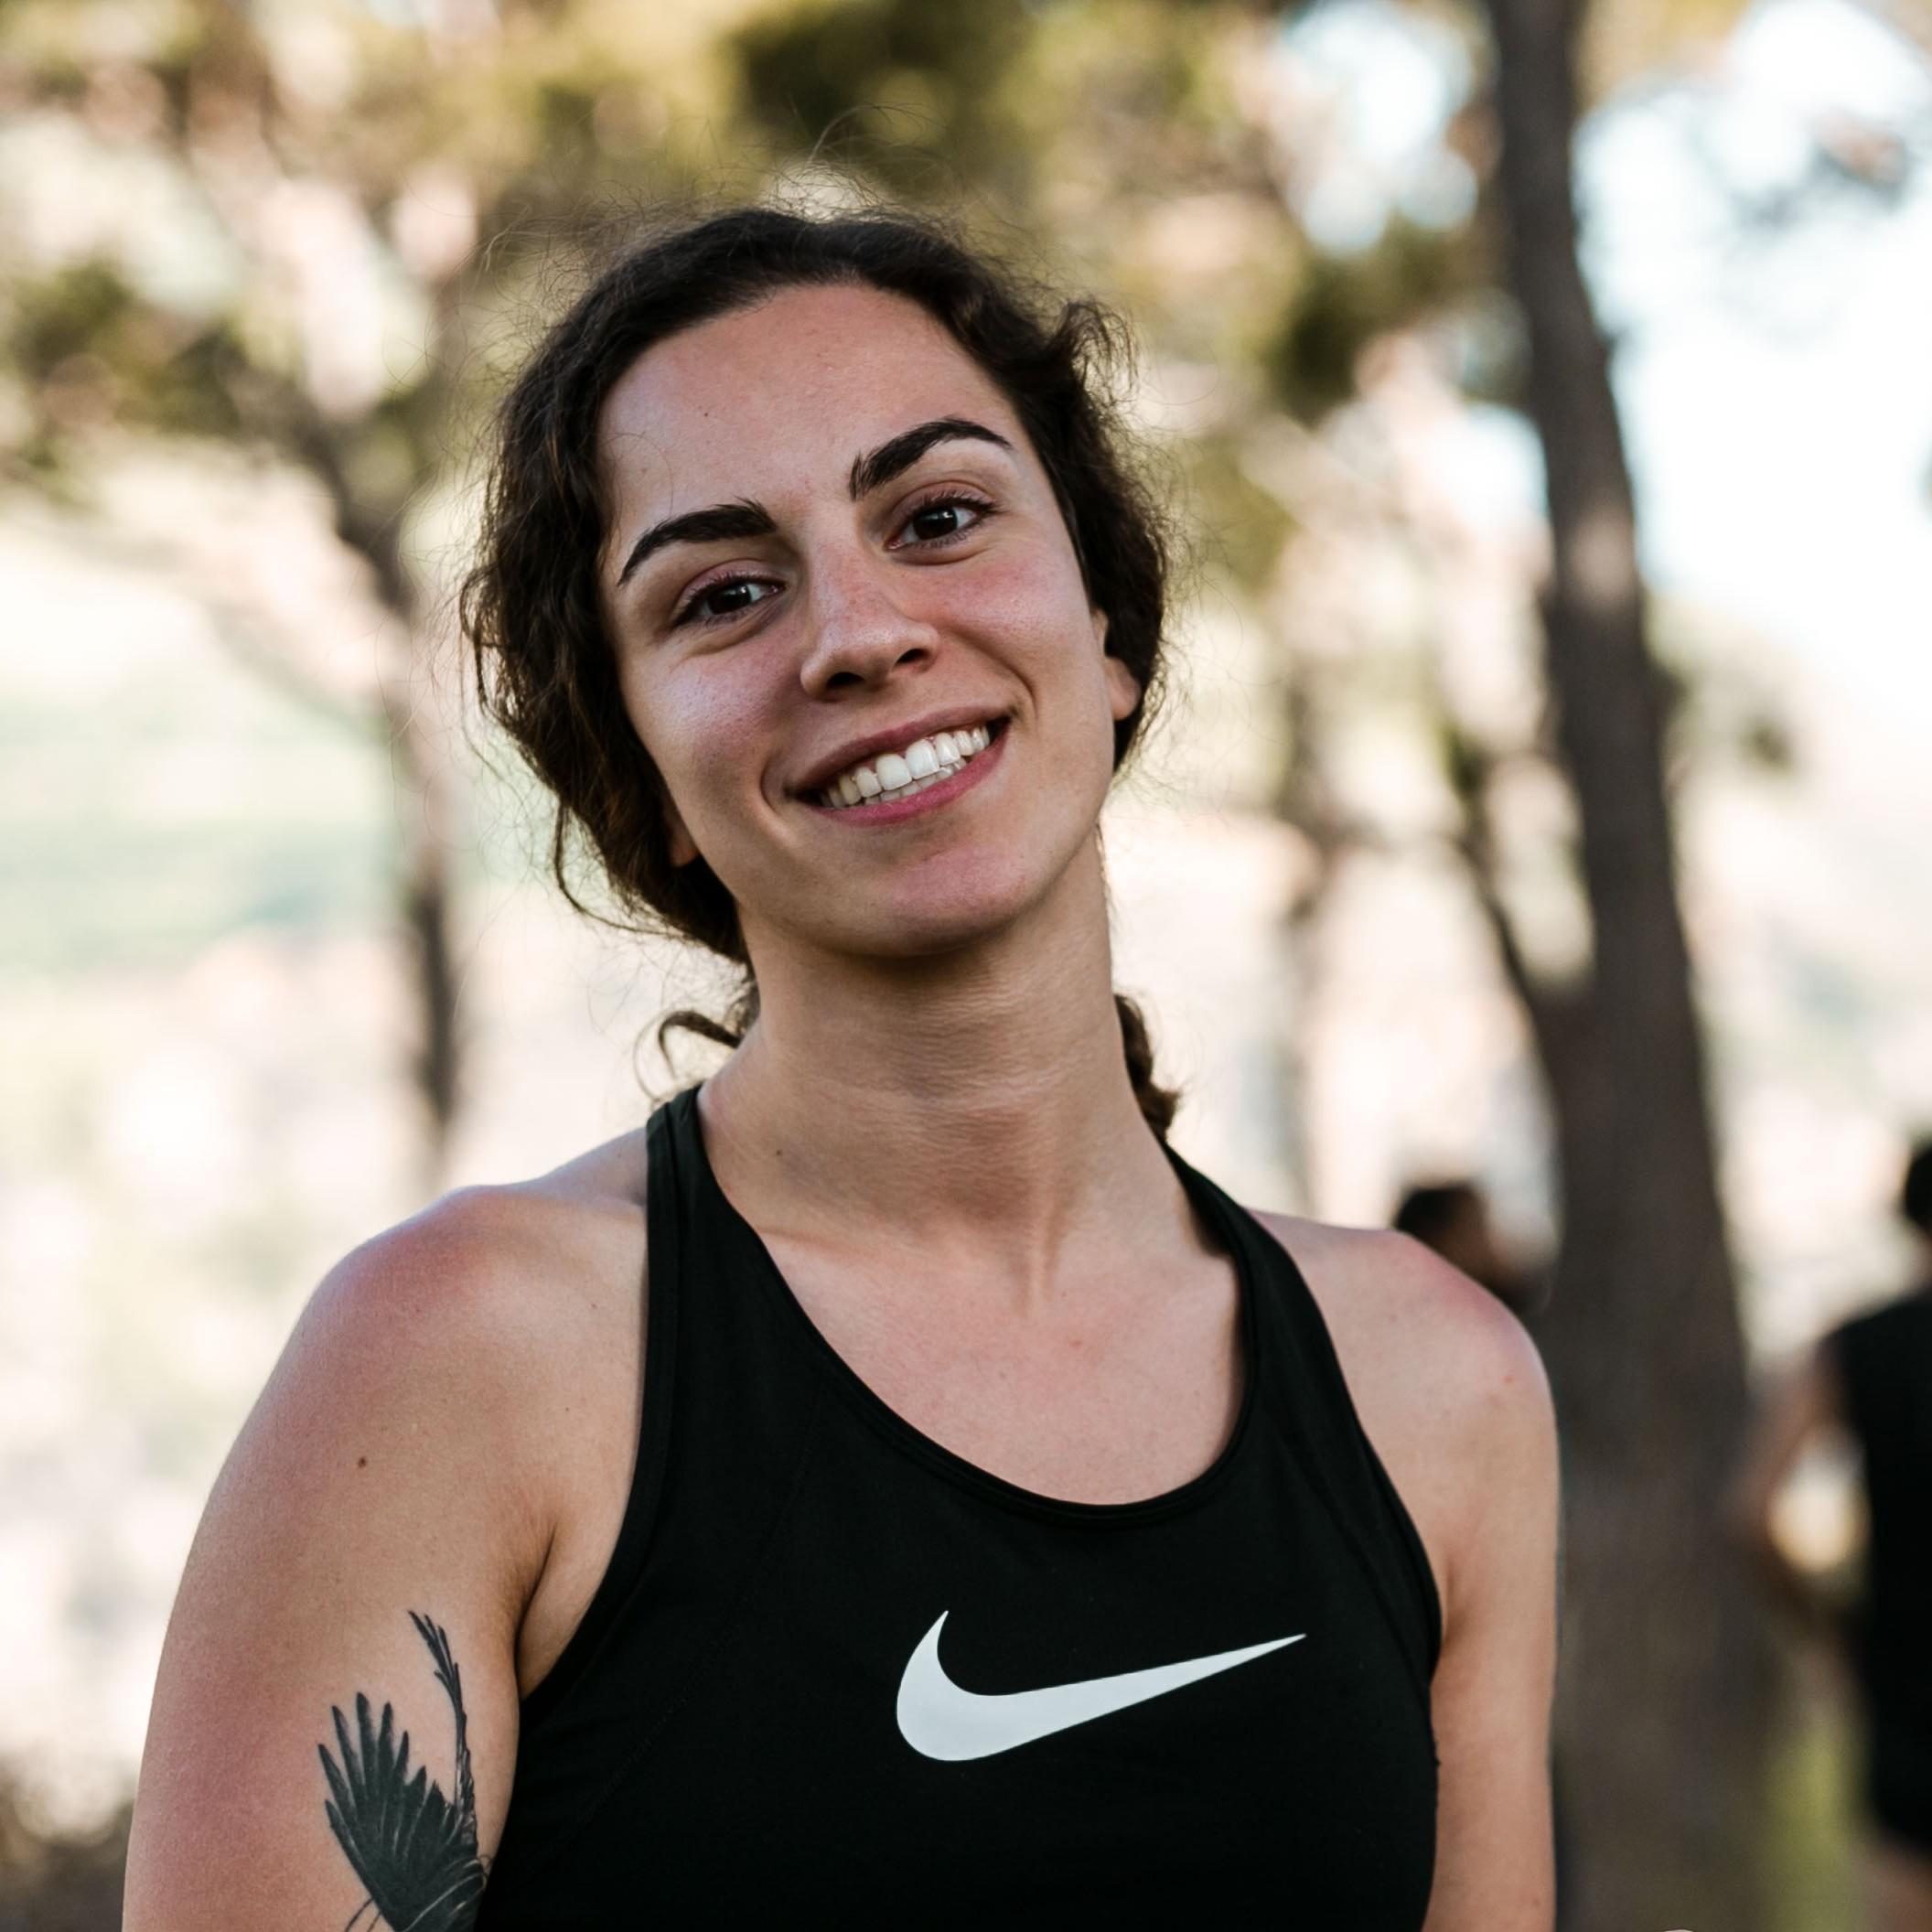 Lea El-Medawar